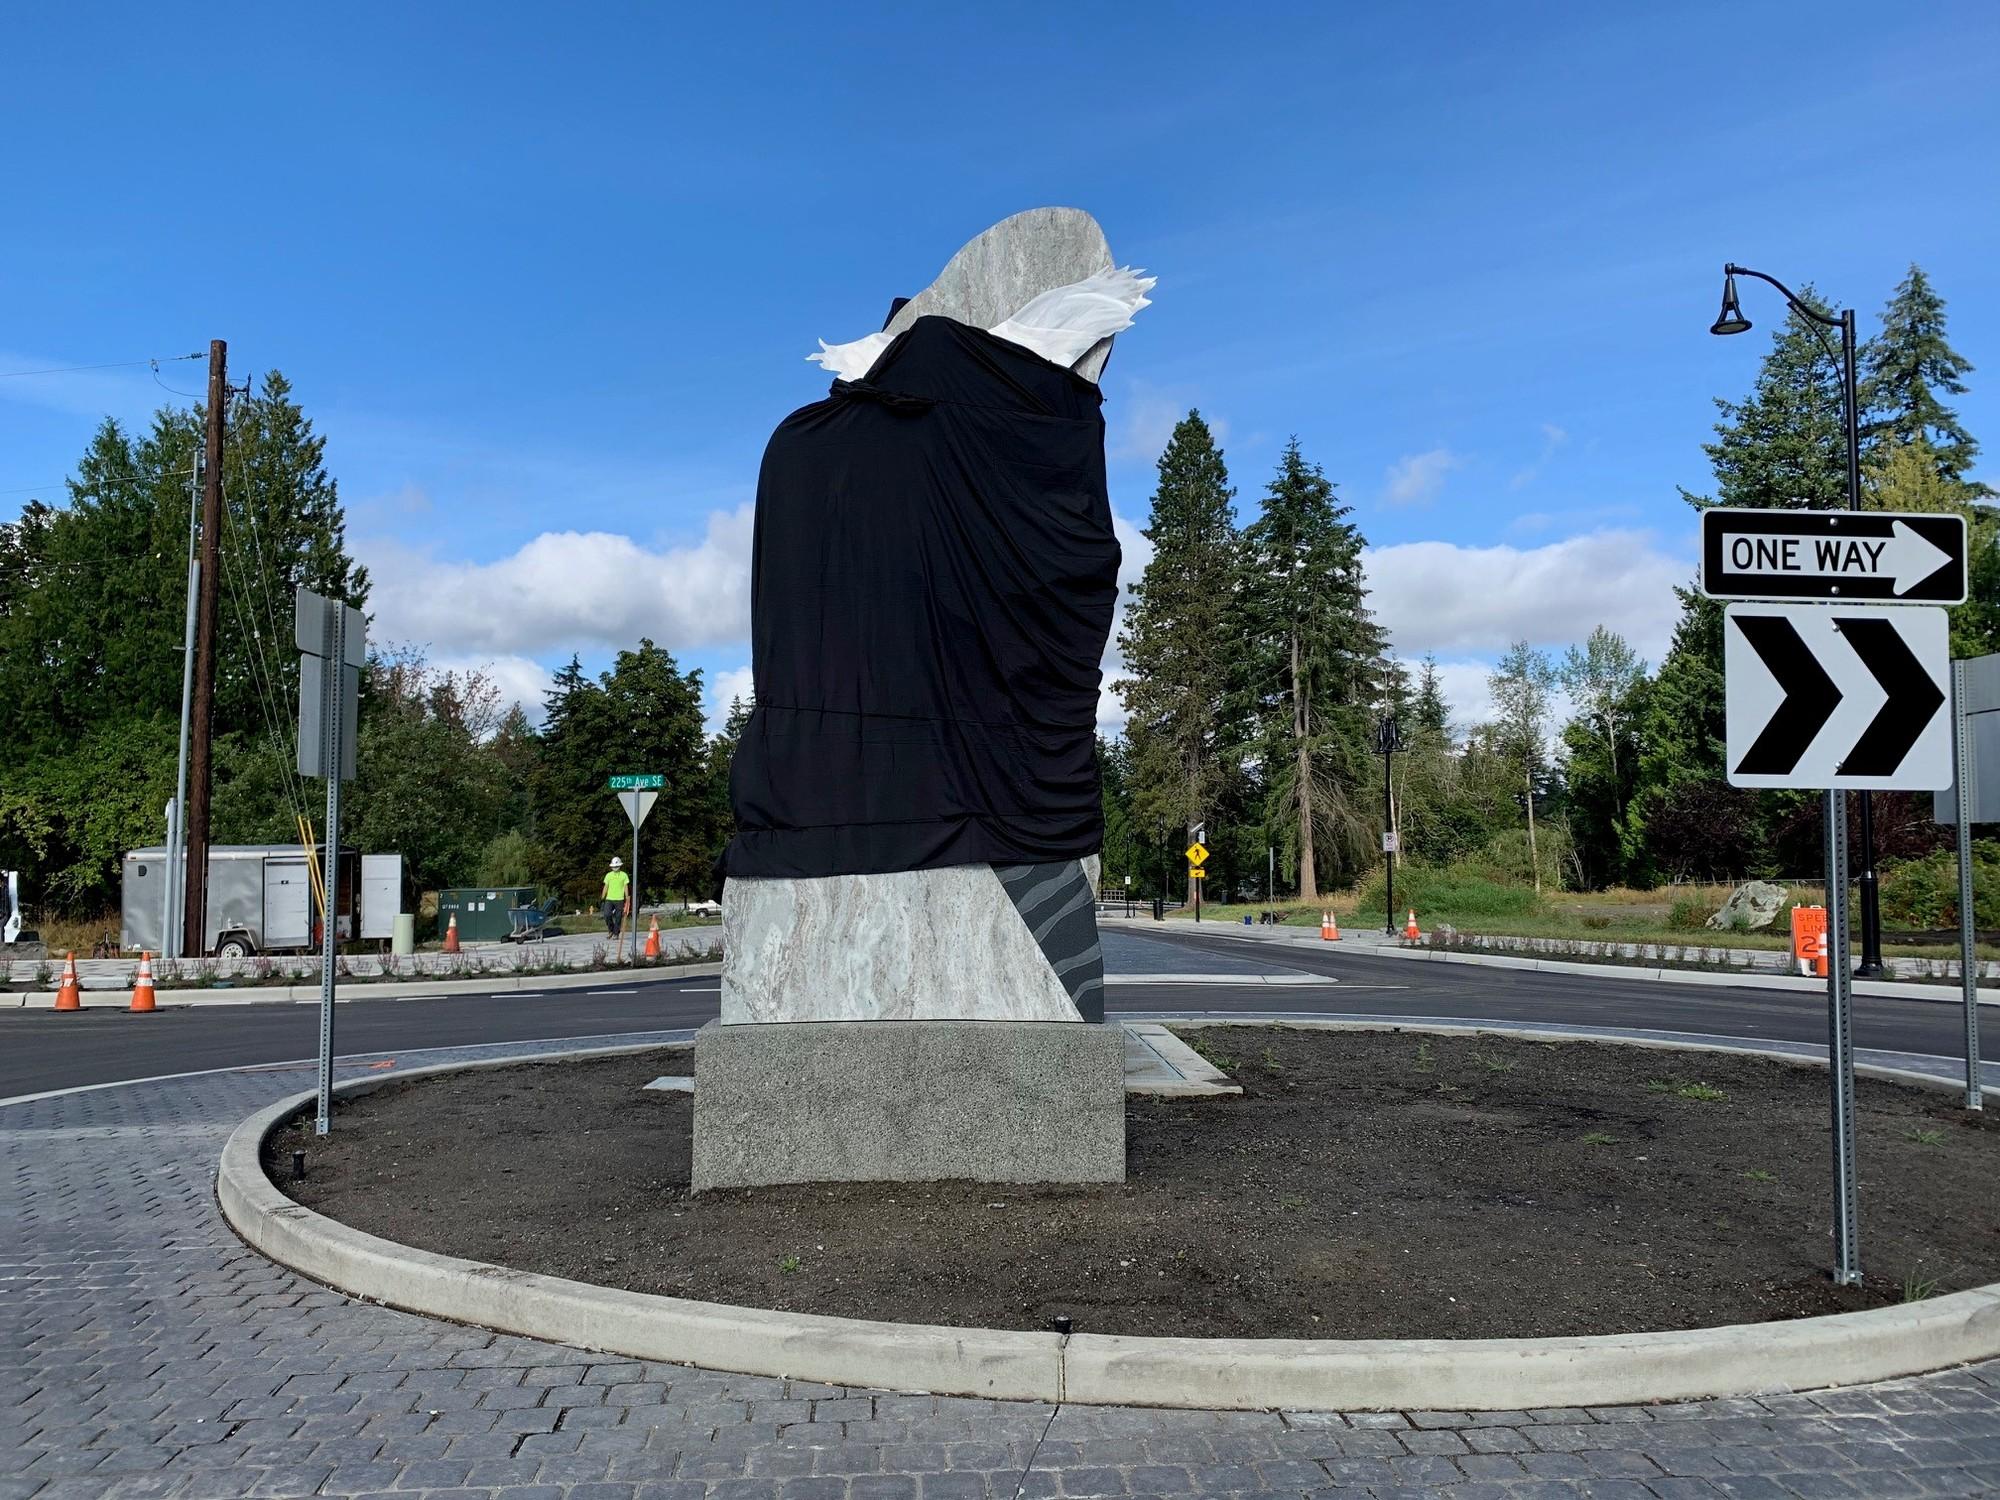 sculpture veiled